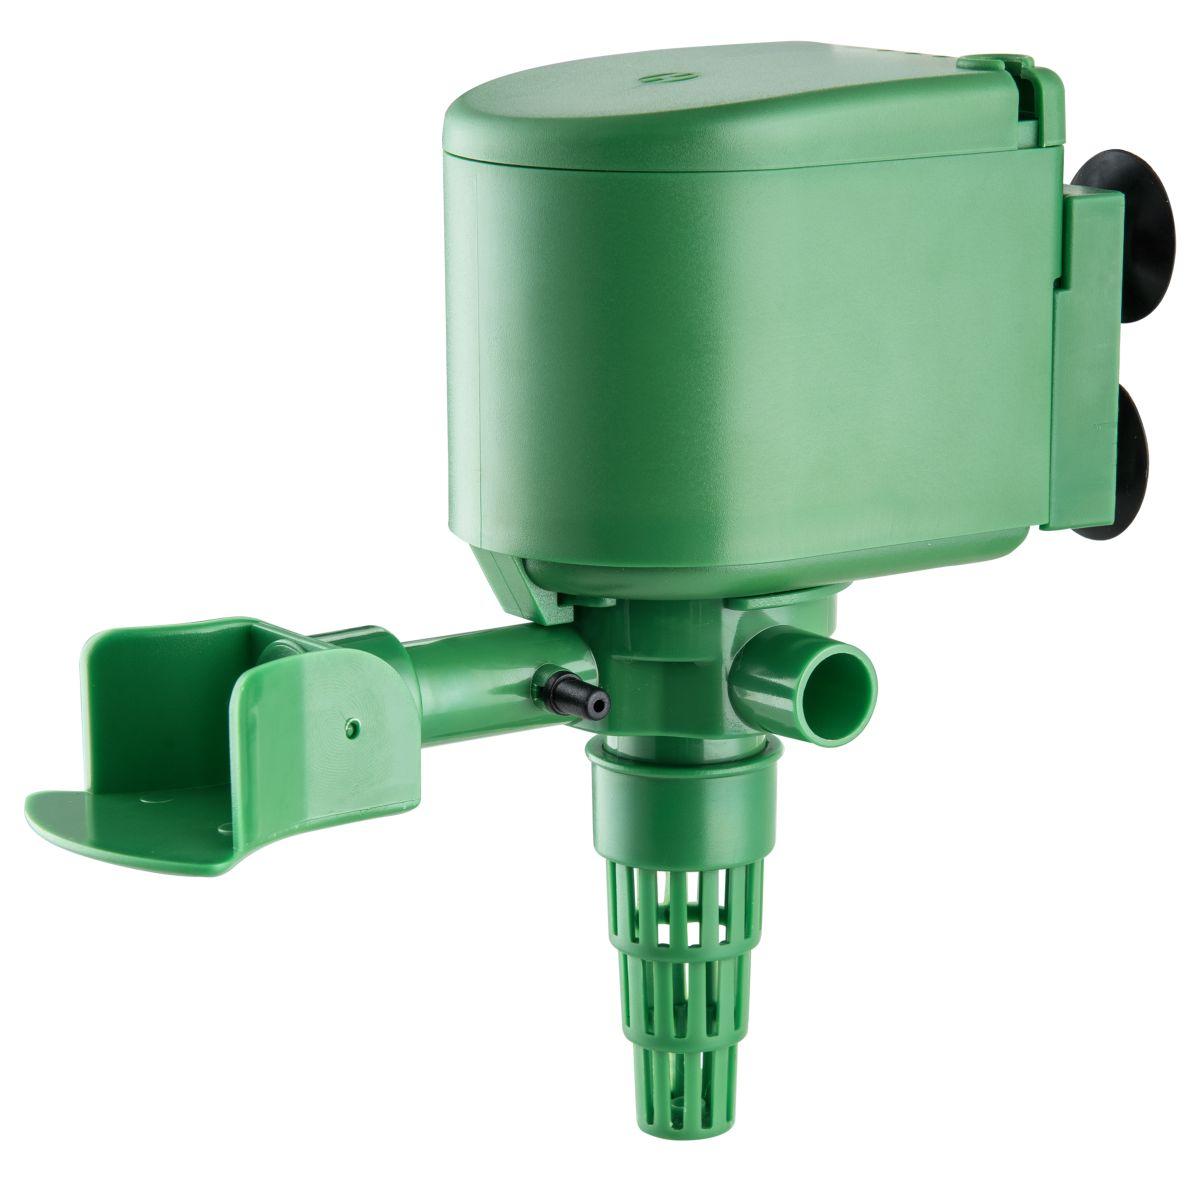 Помпа для аквариума Barbus PUMP 006, водяная, 2800 л/ч, 40 ВтPUMP 006Водяная помпаBarbus PUMP 006 - это насос, который предназначен для подачи воды в аквариуме, подходит для пресной и соленой воды. Механическая фильтрация происходит за счет губки, которая поглощает грязь и очищает воду. Имеет дополнительную насадку с возможностью аэрации воды. Только для полного погружения в воду. Потребляемая мощность: 40 Вт. Напряжение: 220-240 В. Частота: 50/60 Гц. Производительность: 2800 л/ч.Максимальная высота подъема: 1,8 м. Уважаемые клиенты!Обращаем ваше внимание навозможныеизмененияв цветенекоторых деталейтовара. Поставка осуществляется в зависимости от наличия на складе.